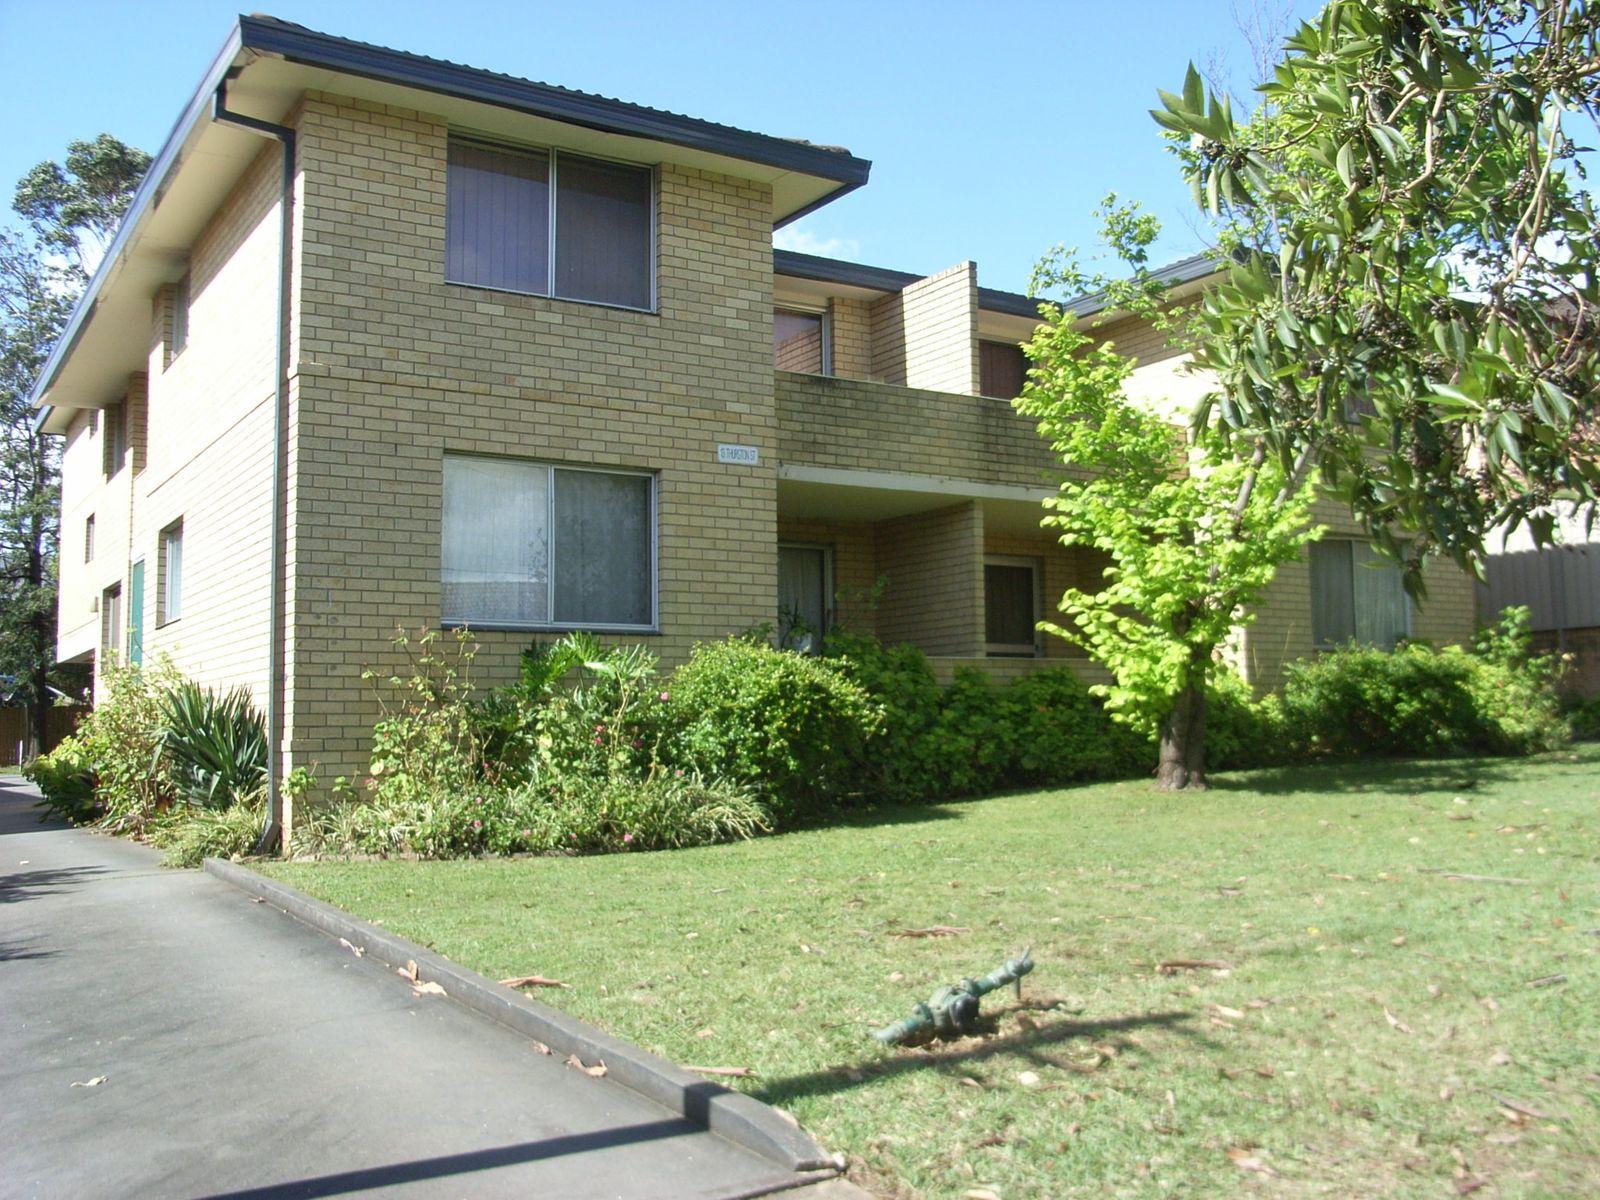 2/13 Thurston Street, Penrith, NSW 2750